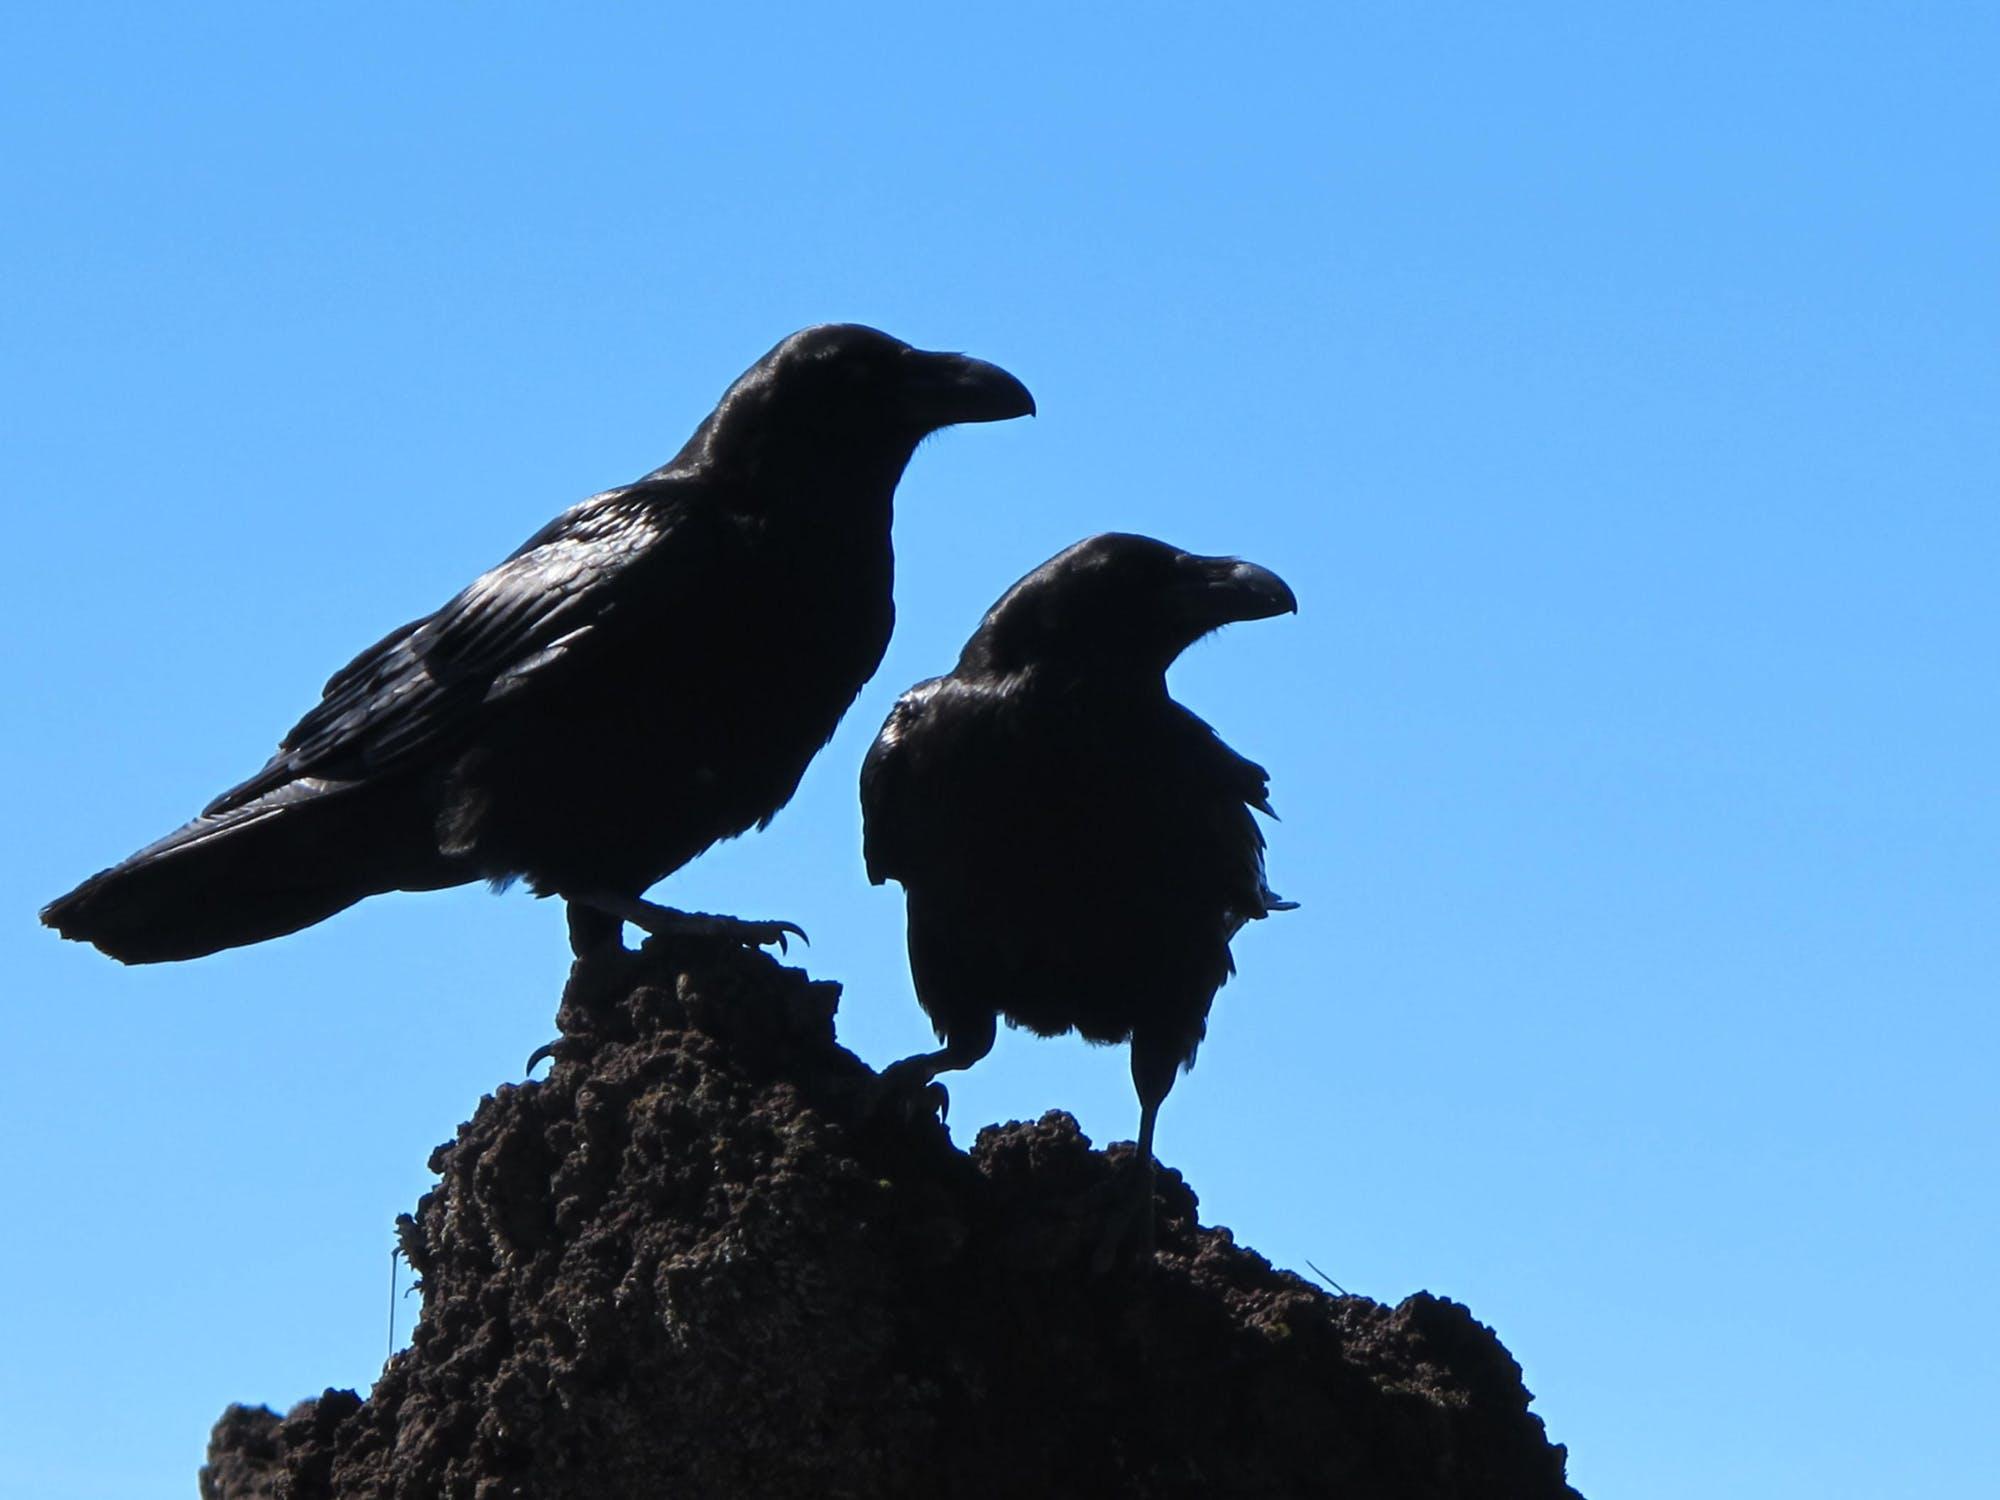 Ворона села на голову, напала или пролетела мимо — толкования примет